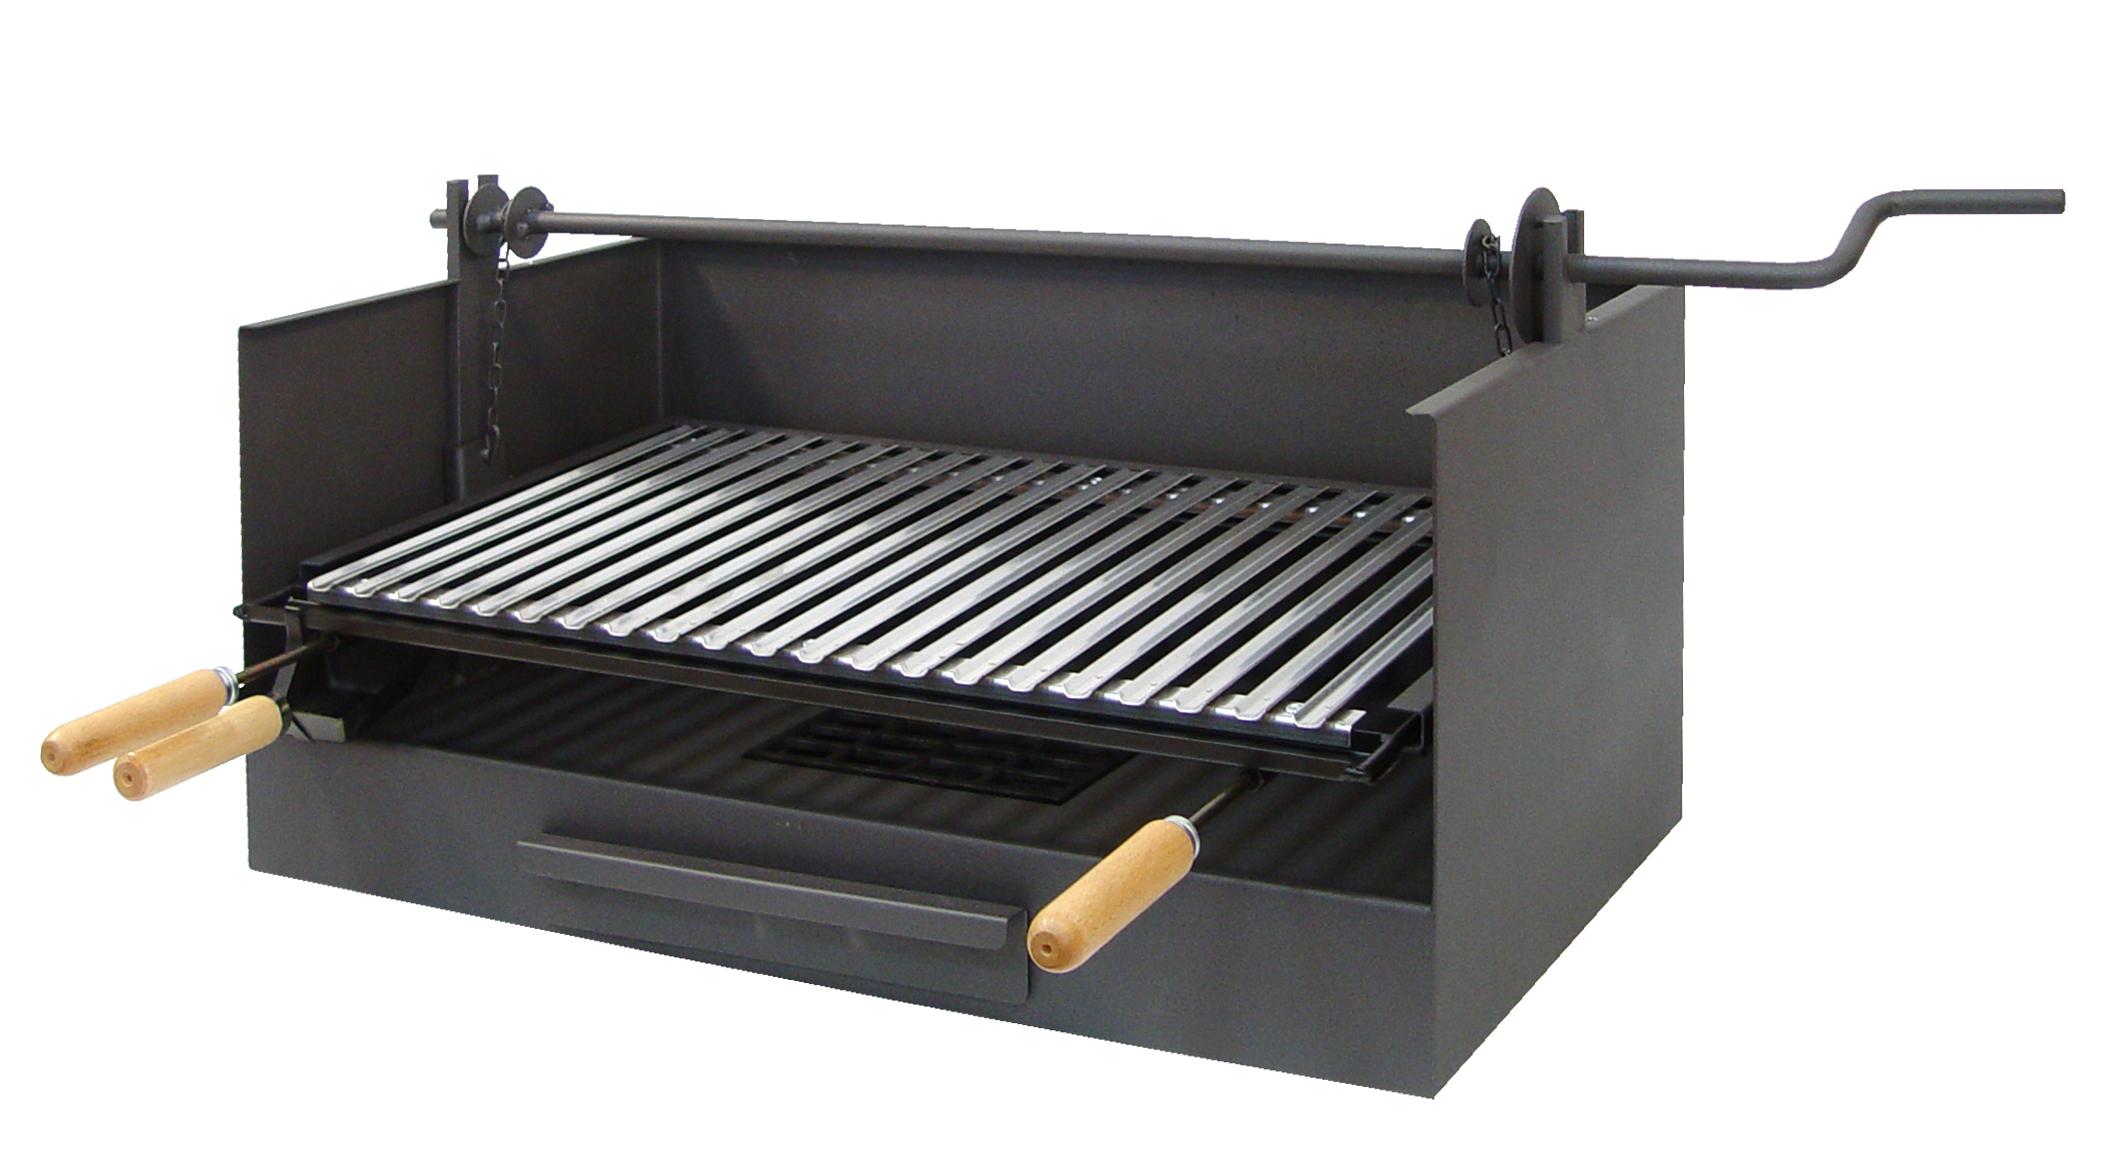 barbecue poser en fonte barbecue charbon de bois. Black Bedroom Furniture Sets. Home Design Ideas